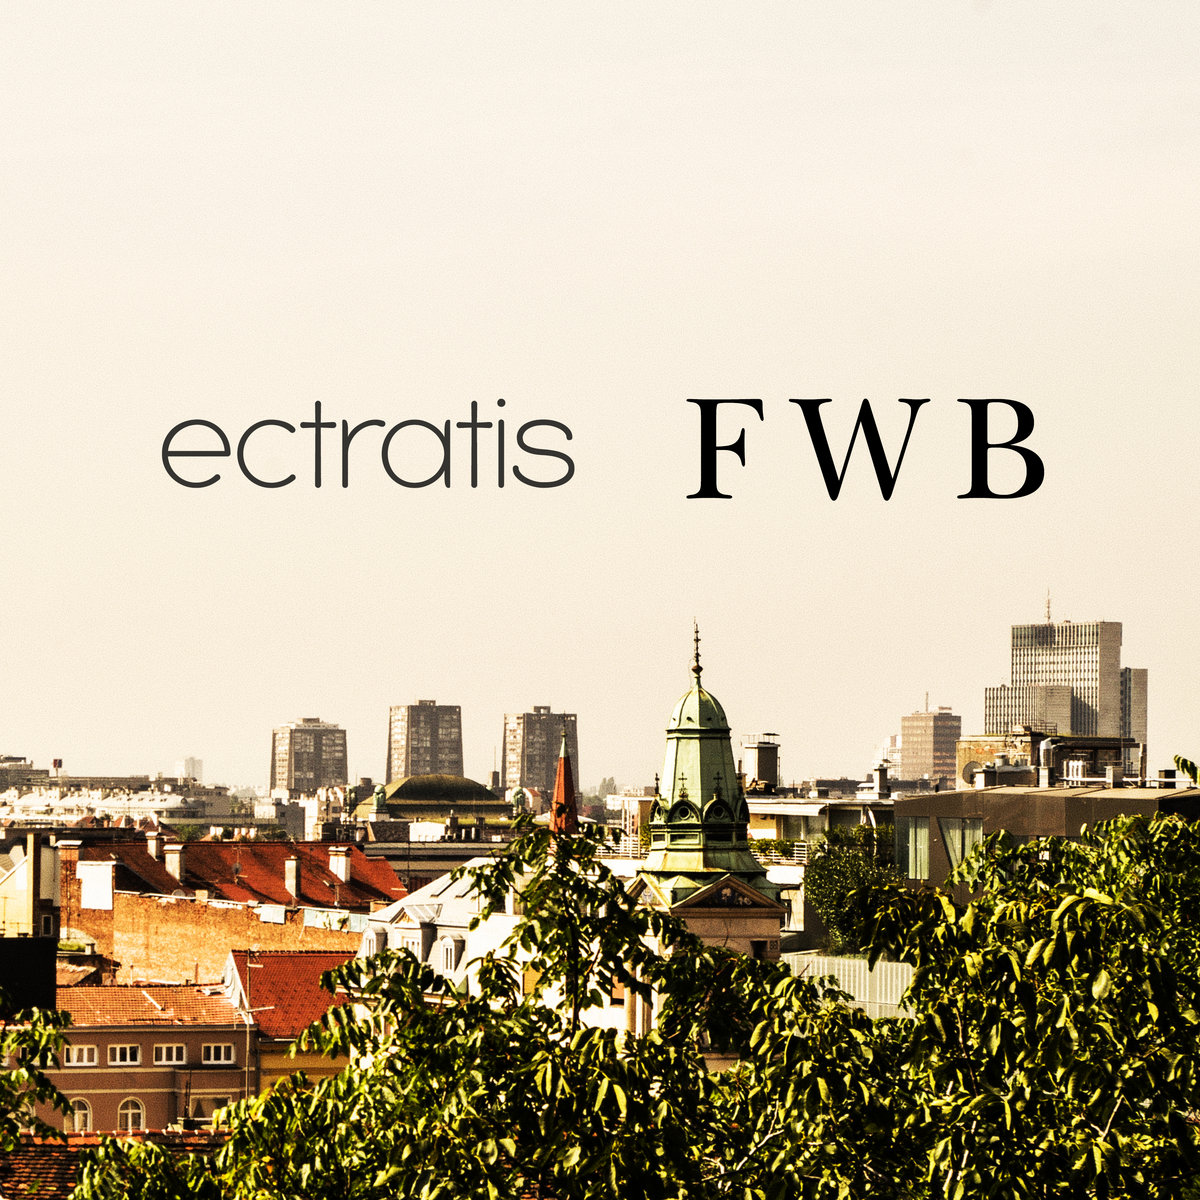 Zagrebački glazbenik u sklopu projekta Ectratis objavio novi singl 'FWB'